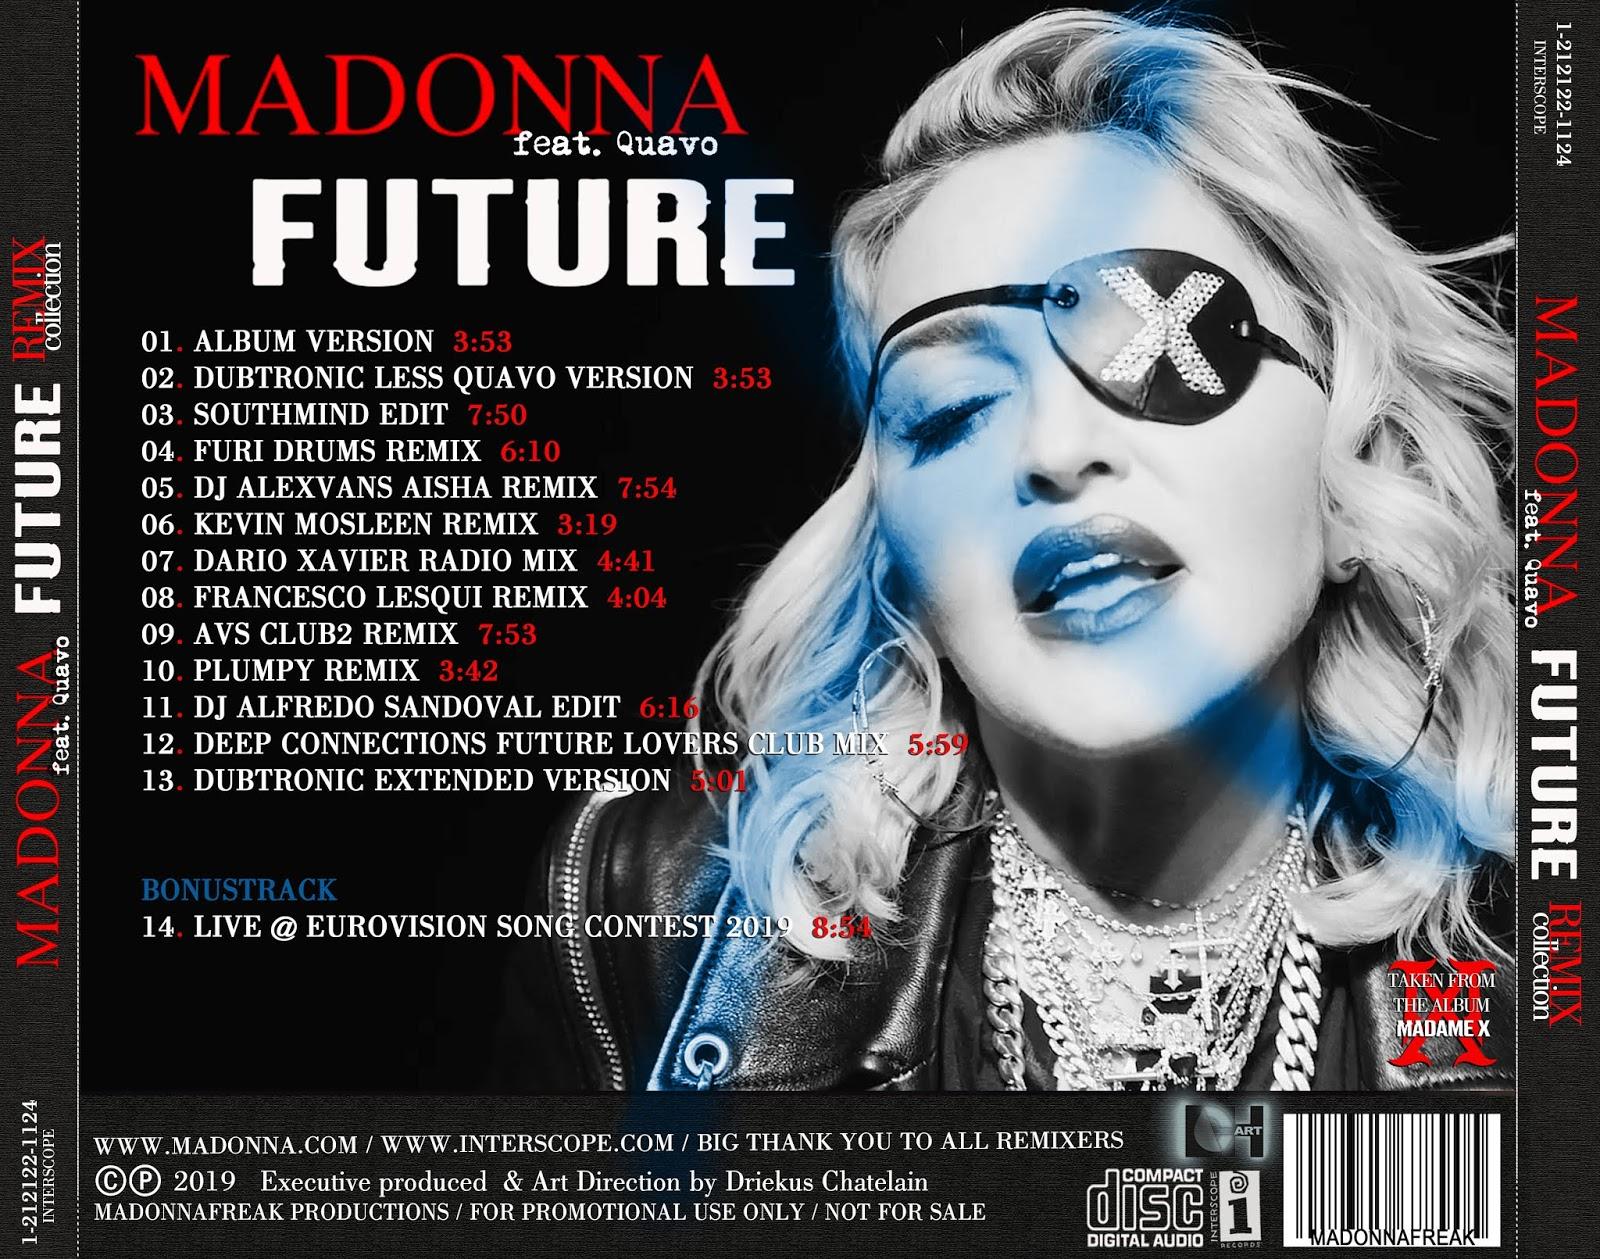 Madonnafreak Productions